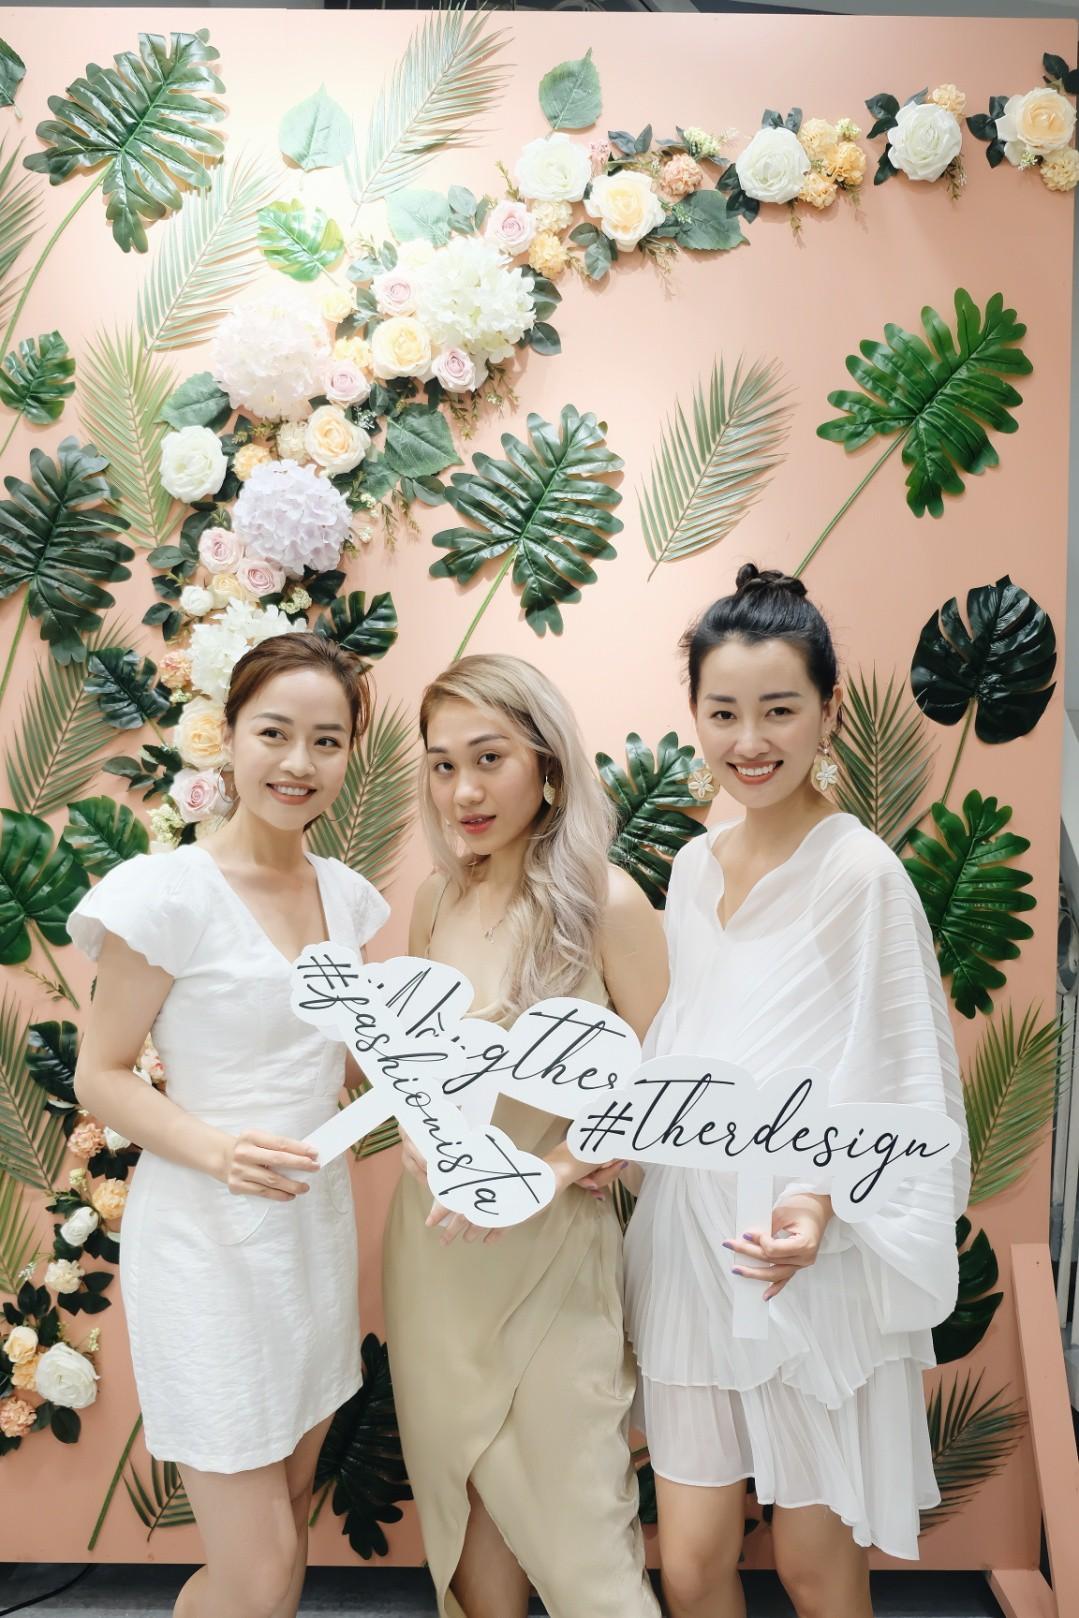 MC Quỳnh Chi ra mắt thương hiệu thời trang Ther Design - Ảnh 7.